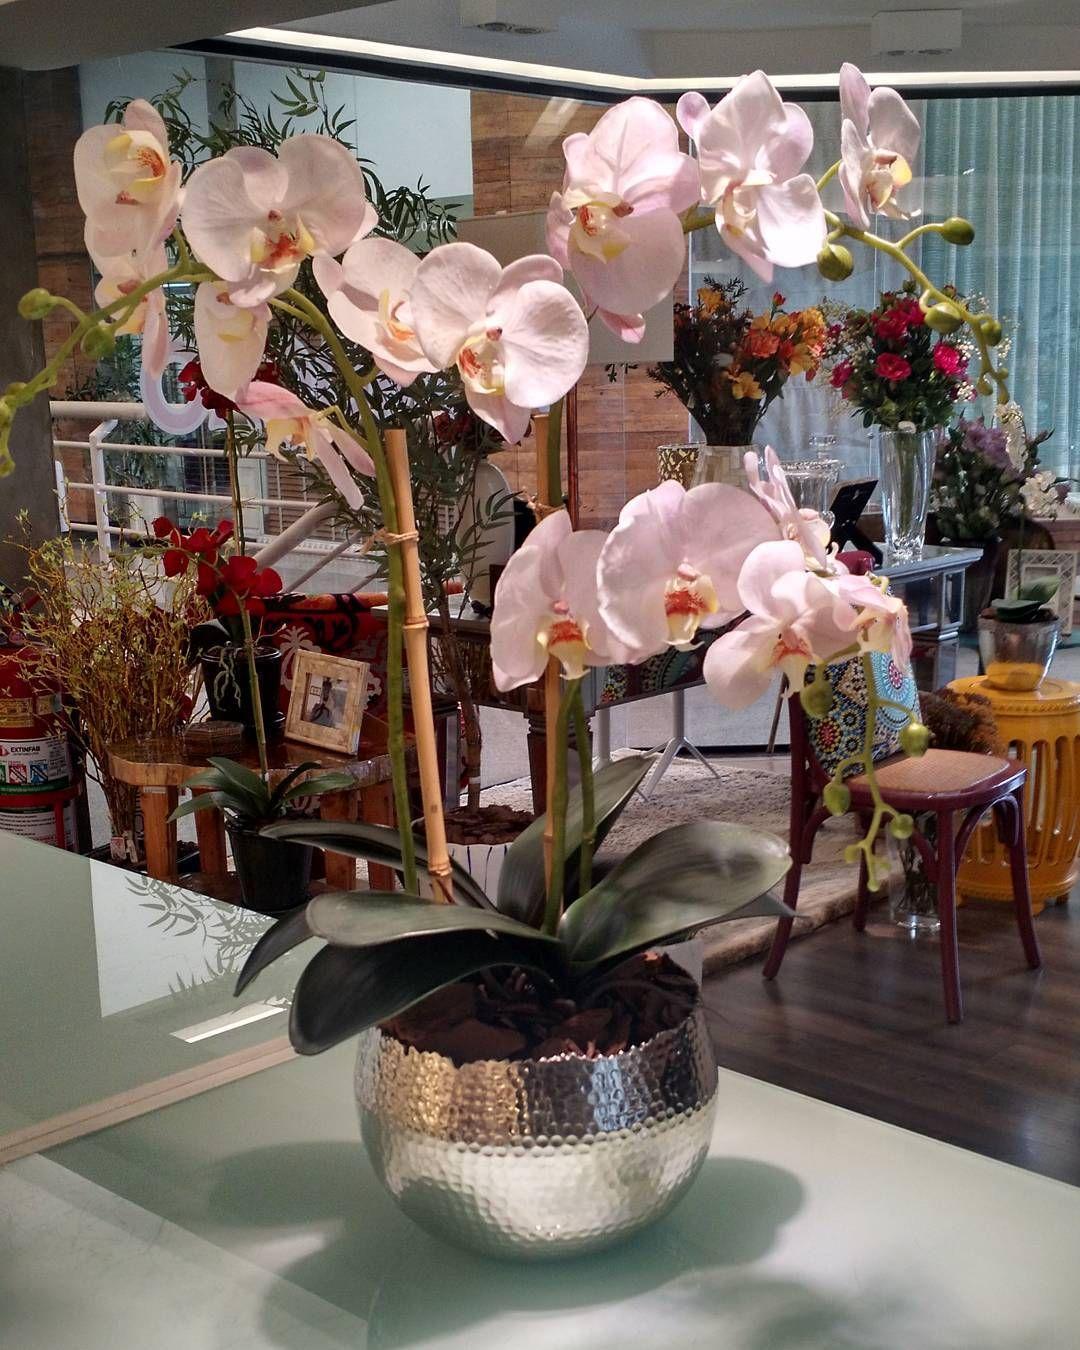 More Decoration : http://www.kadinika.com Arranjo de orquídea branca em cachepot de alumínio batidinho. Presente especial para uma noiva especial!! #orquidea #orchid #flores #flowers #cachepot #arranjos #decoração #decoration #decor #interiores #interiordesign #homedecor